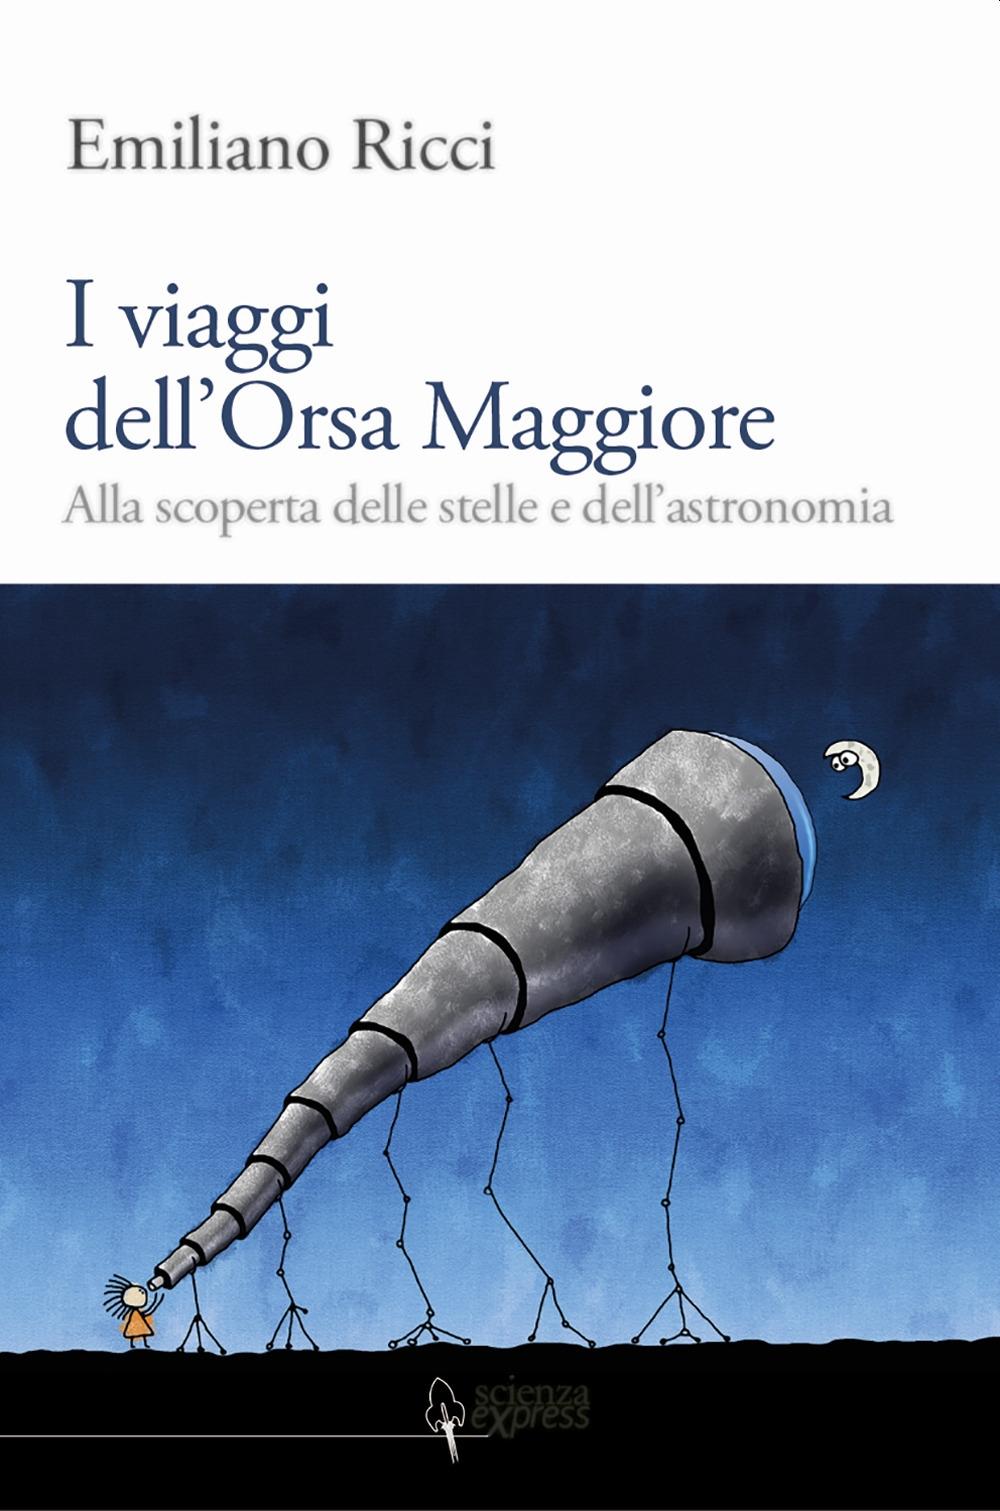 I viaggi dell'Orsa Maggiore. Tra vita e cielo alla scoperta degli astri.